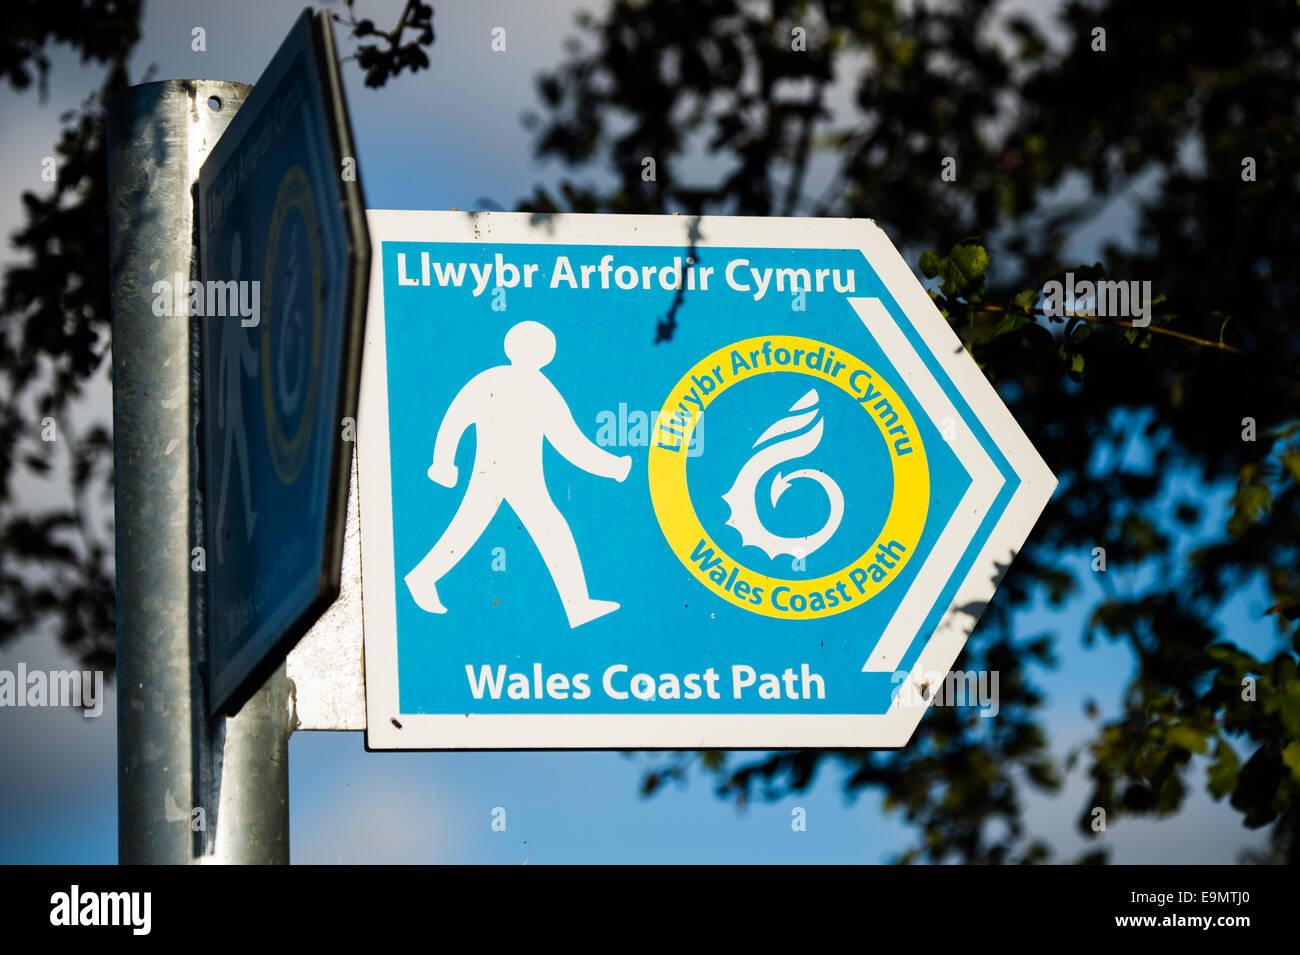 Wales Coast Path / Llwybr Arfordir Cymru bilingual welsh english long-distance footpath sign - Stock Image